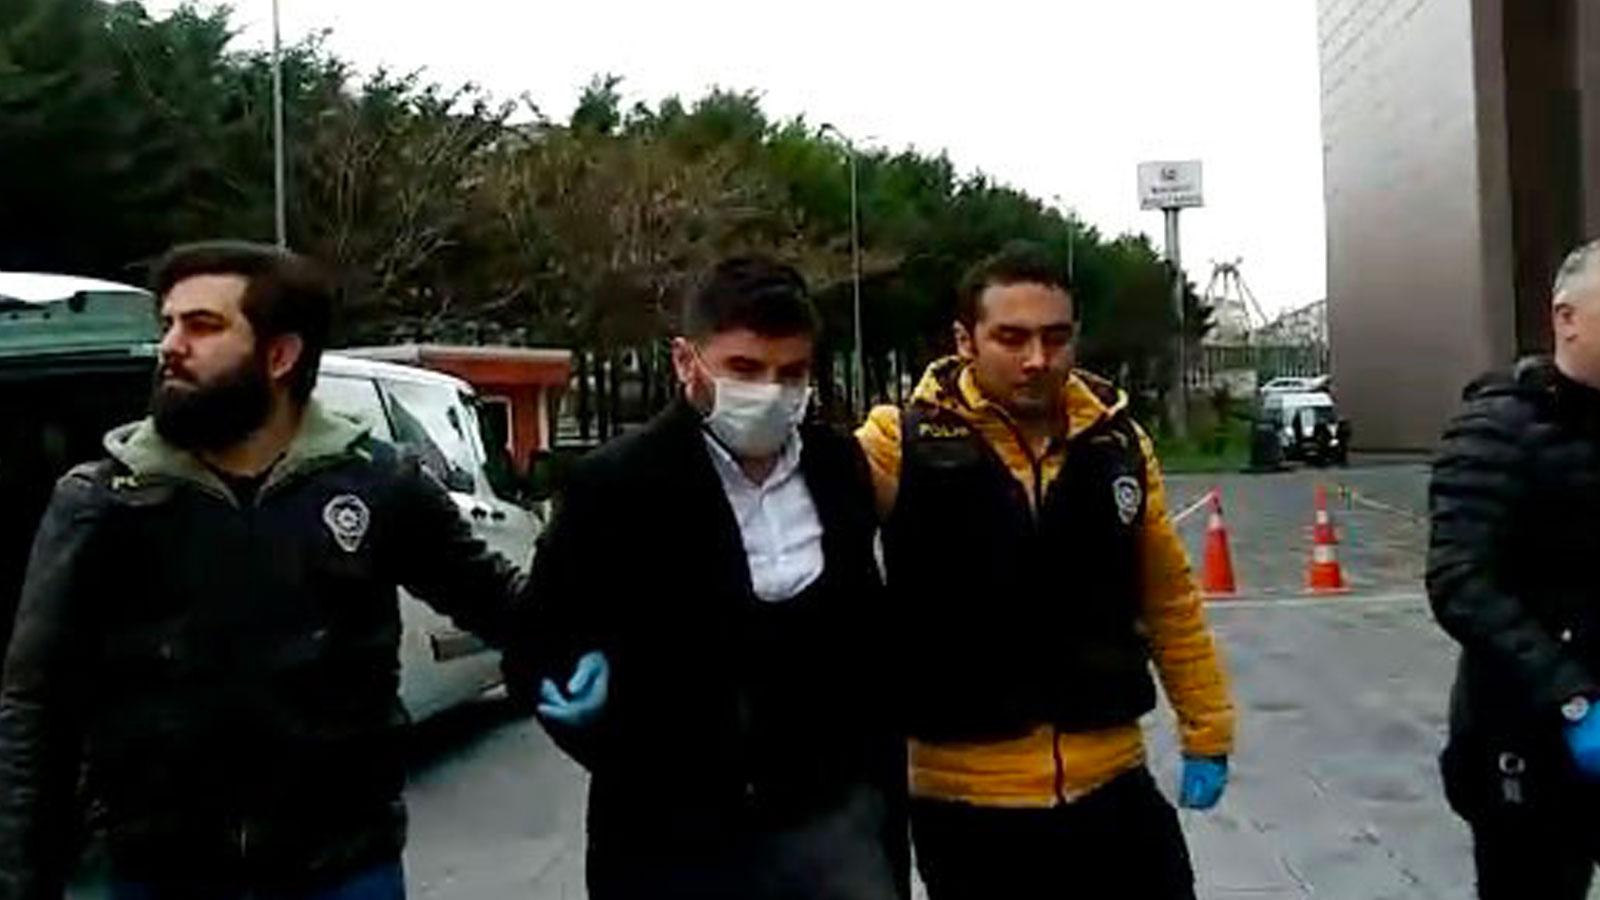 İstanbul'da yaşlı adama zorla maske takarak kolonya döken zanlı: Şaka yapıyorduk